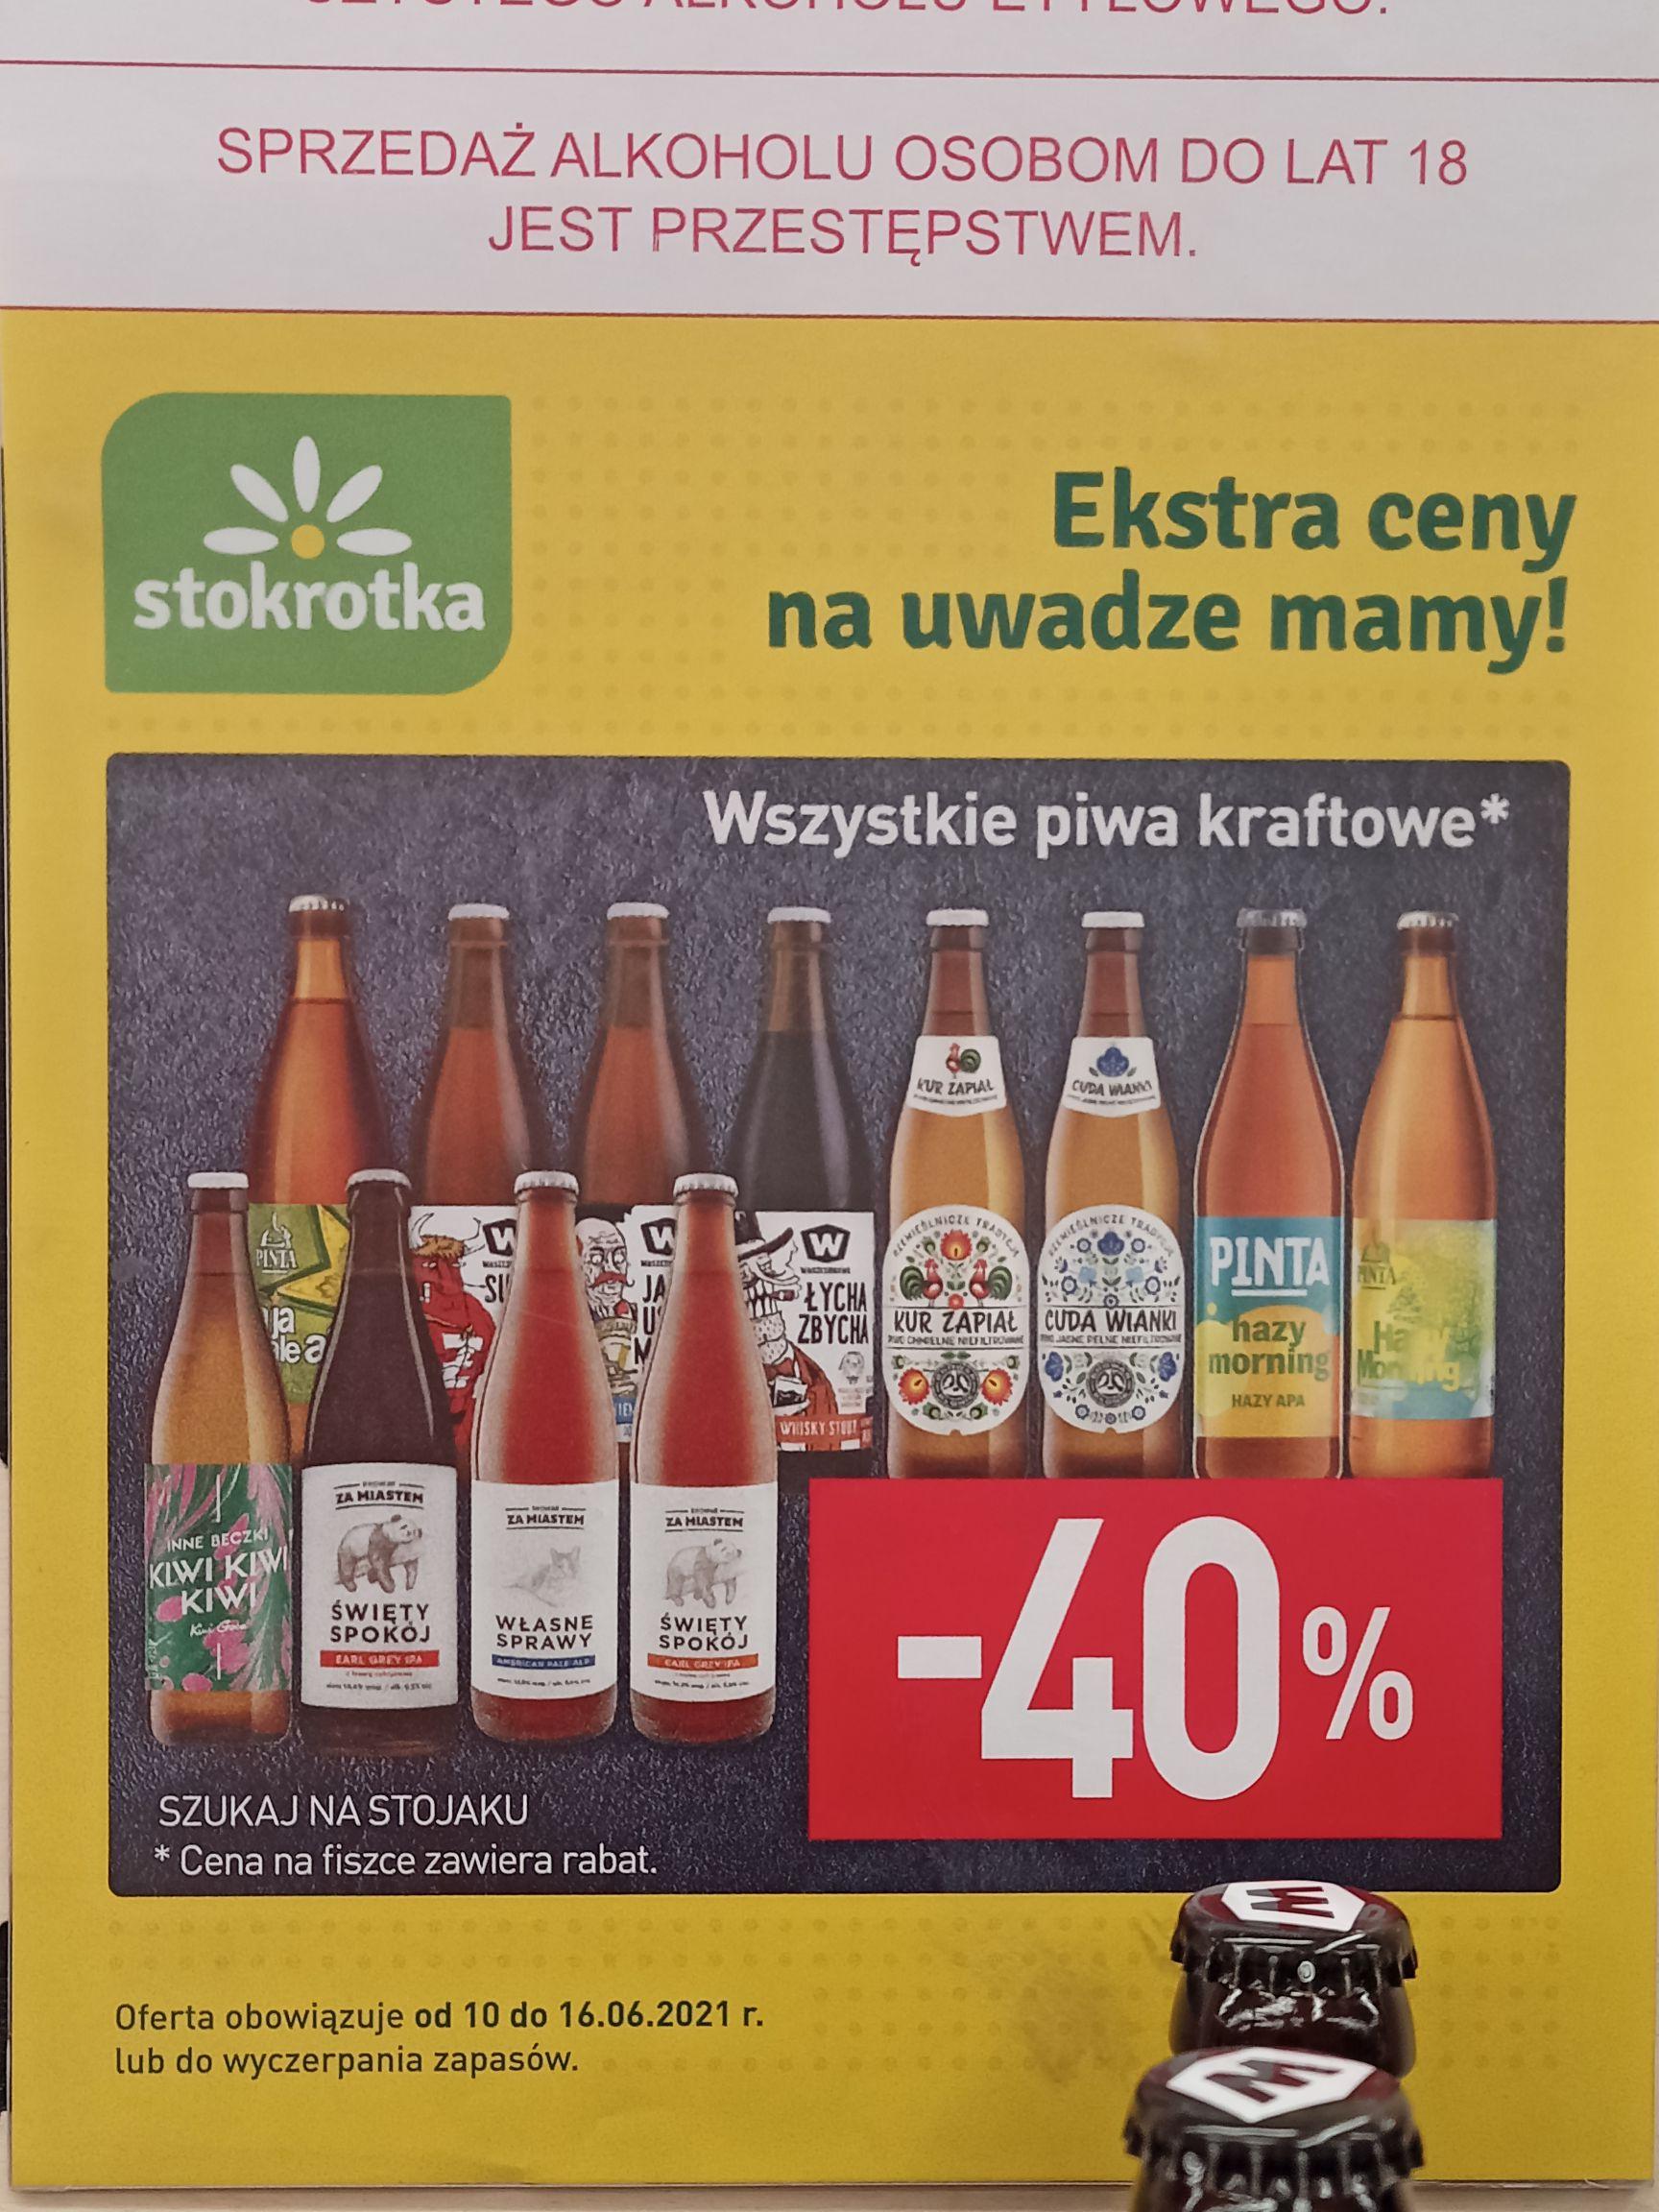 Wszystkie piwa kraftowe -40% @Stokrotka